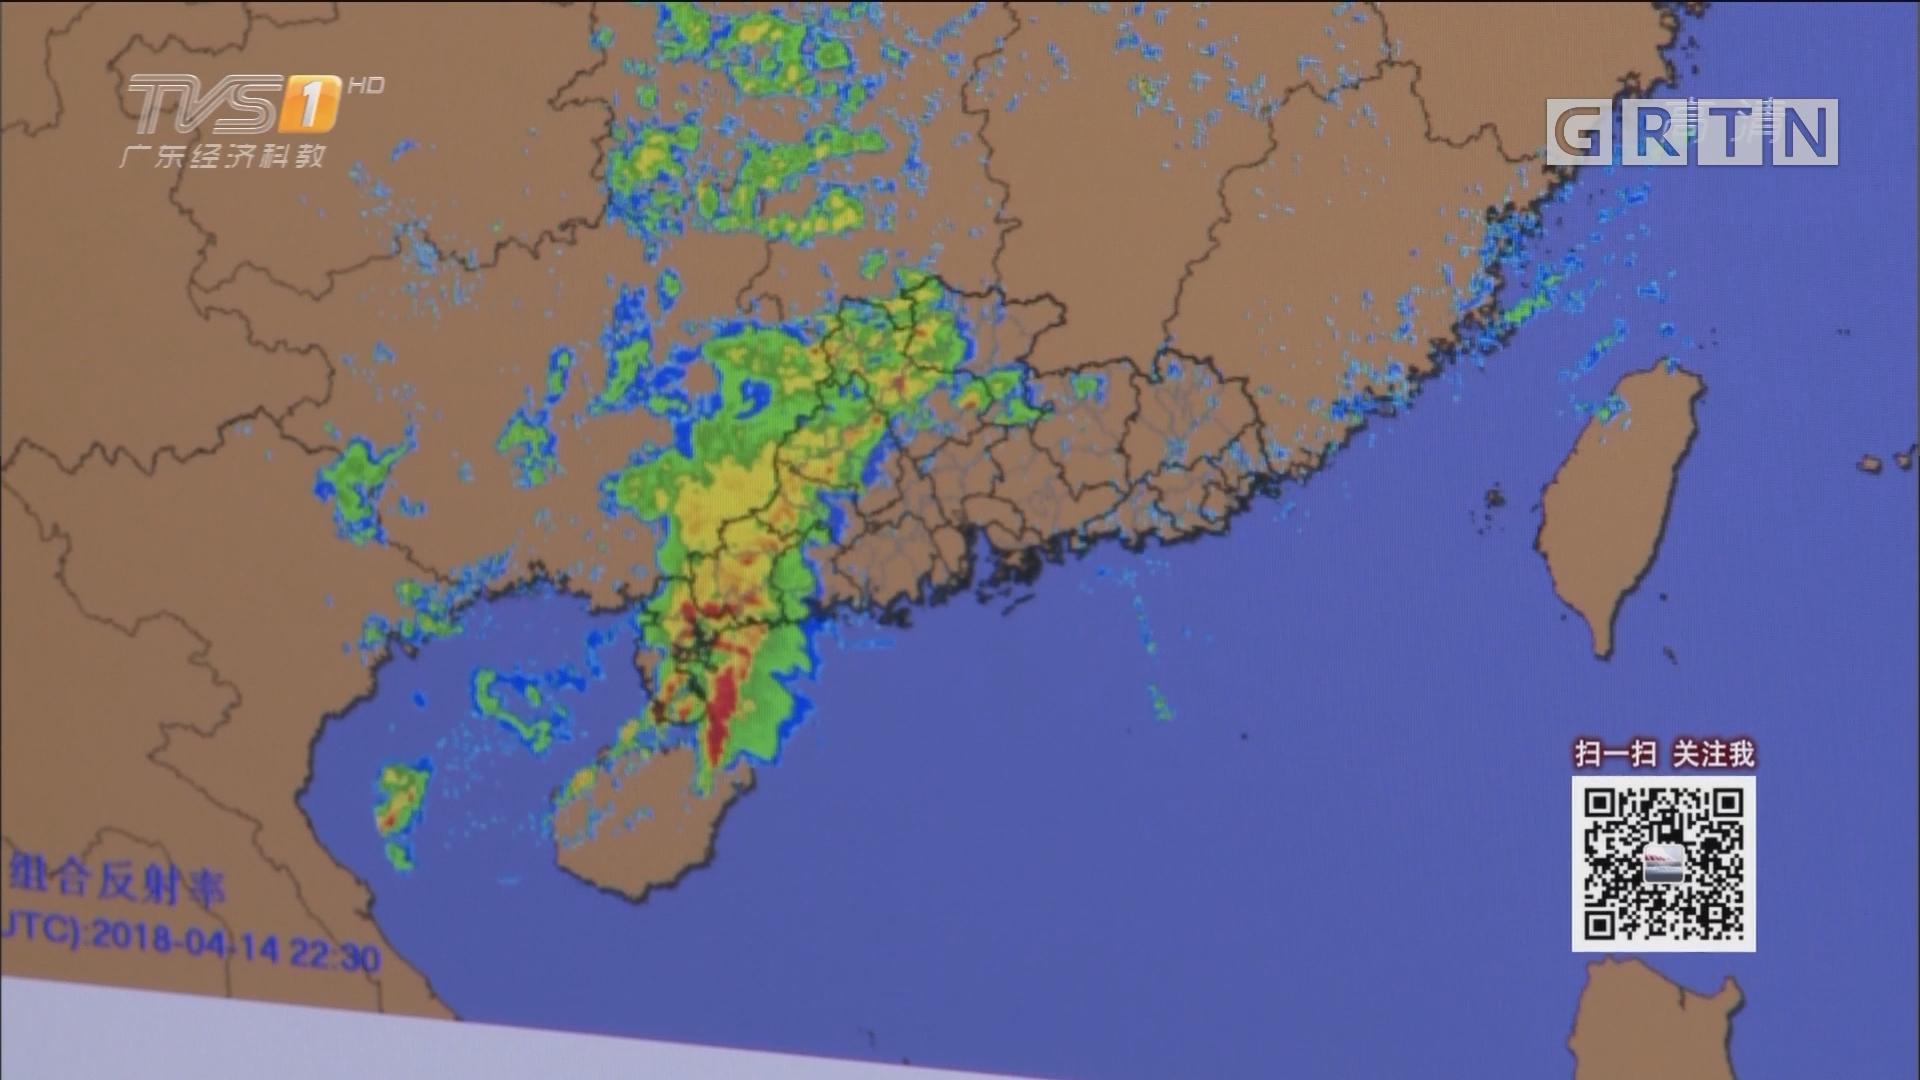 今年约有5-7个台风登陆或严重影响广东省